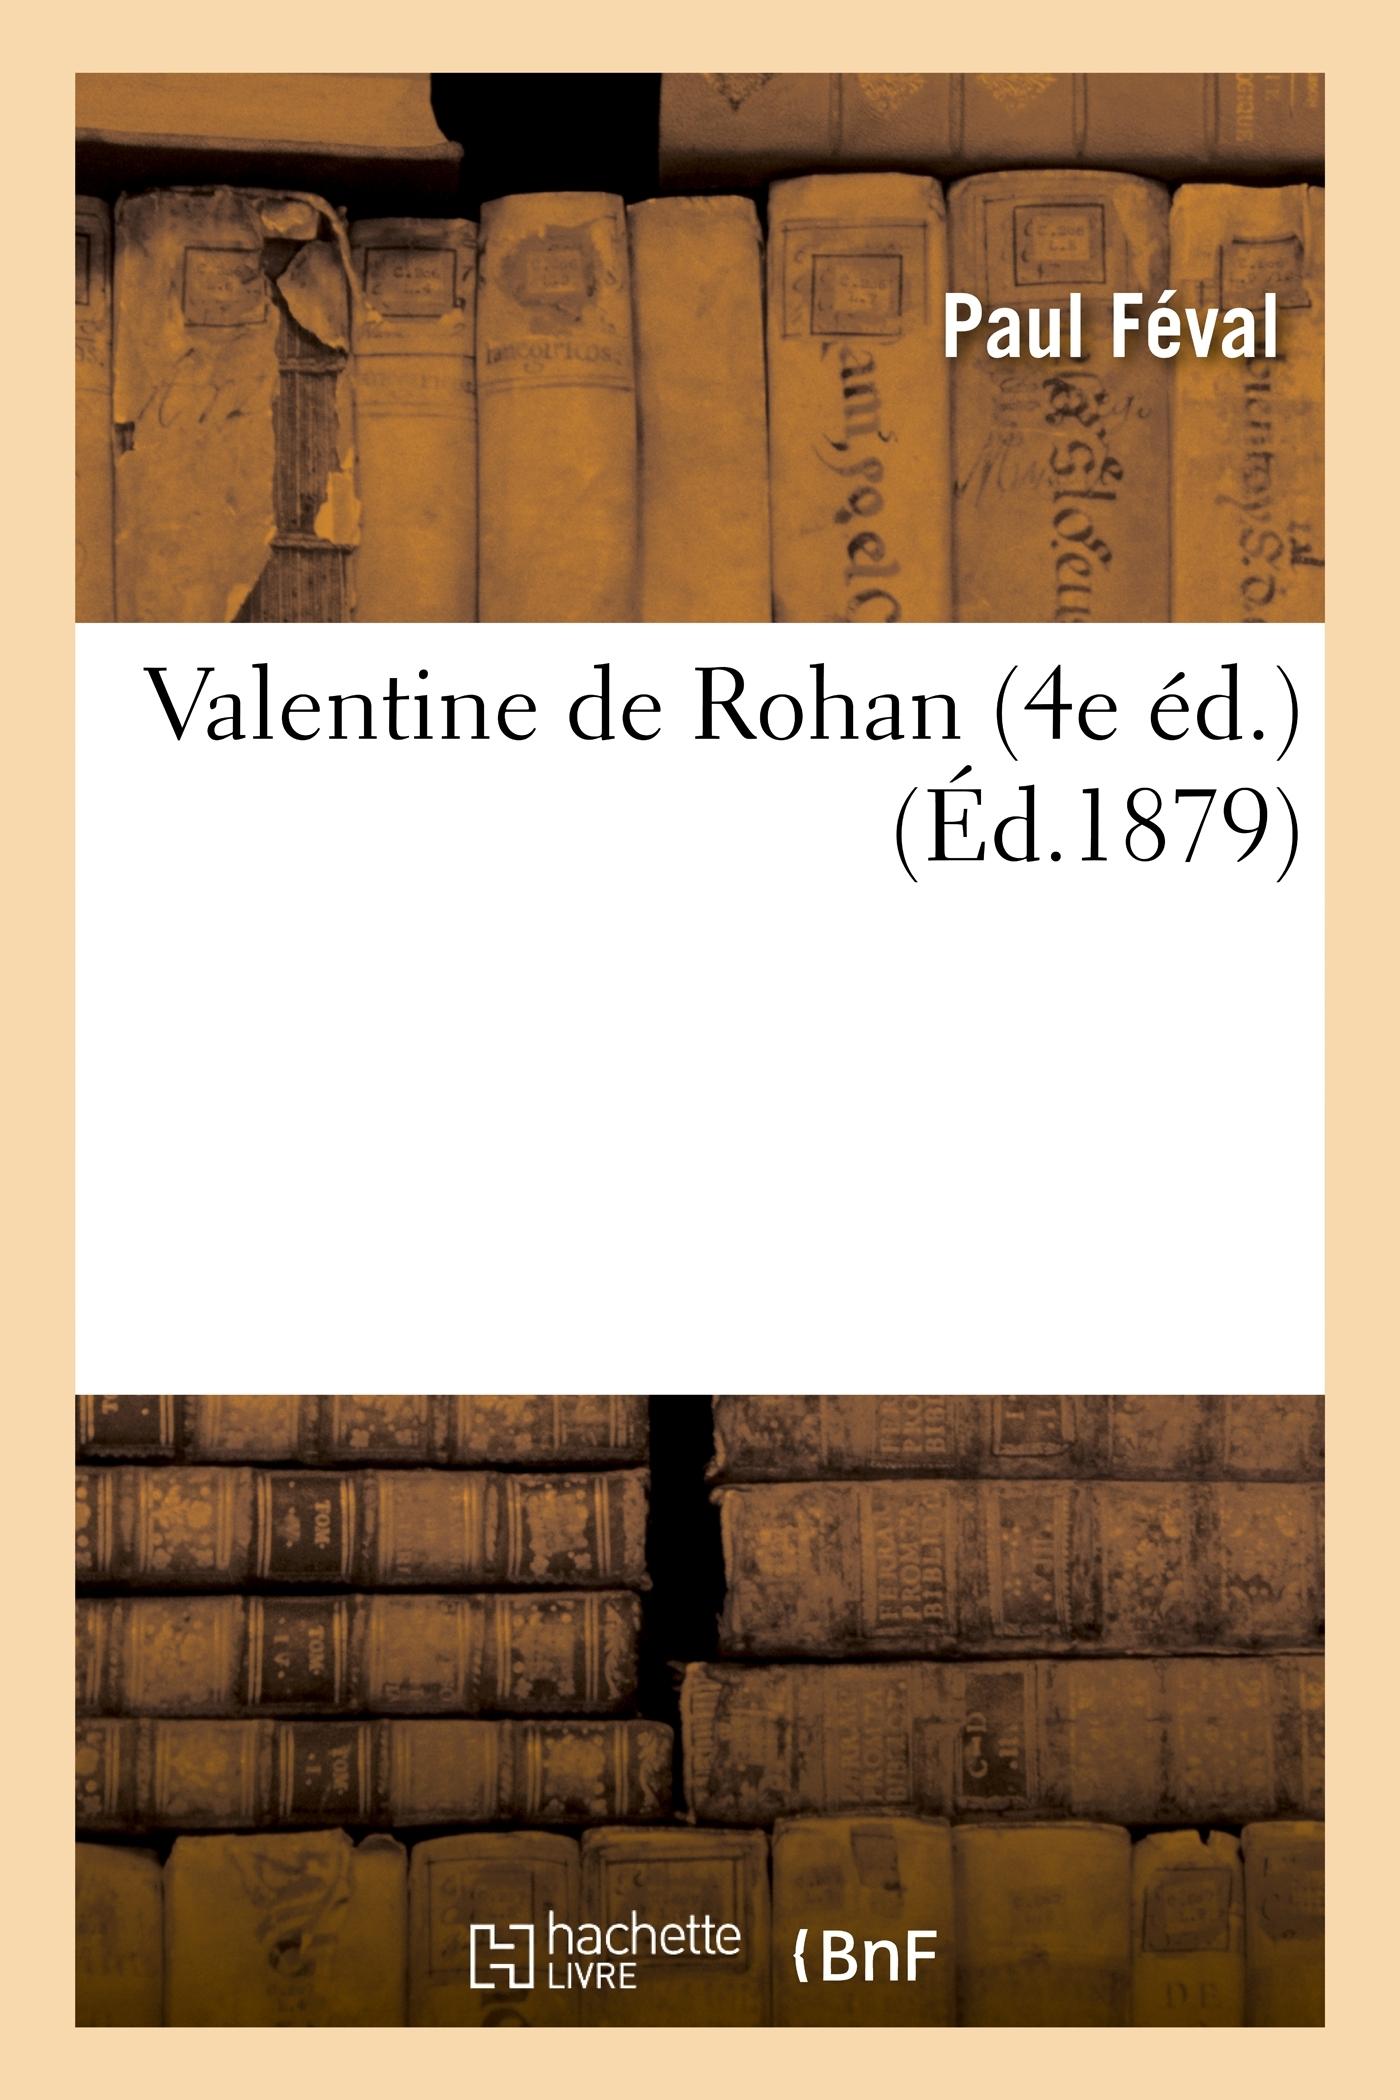 VALENTINE DE ROHAN (4E ED.)